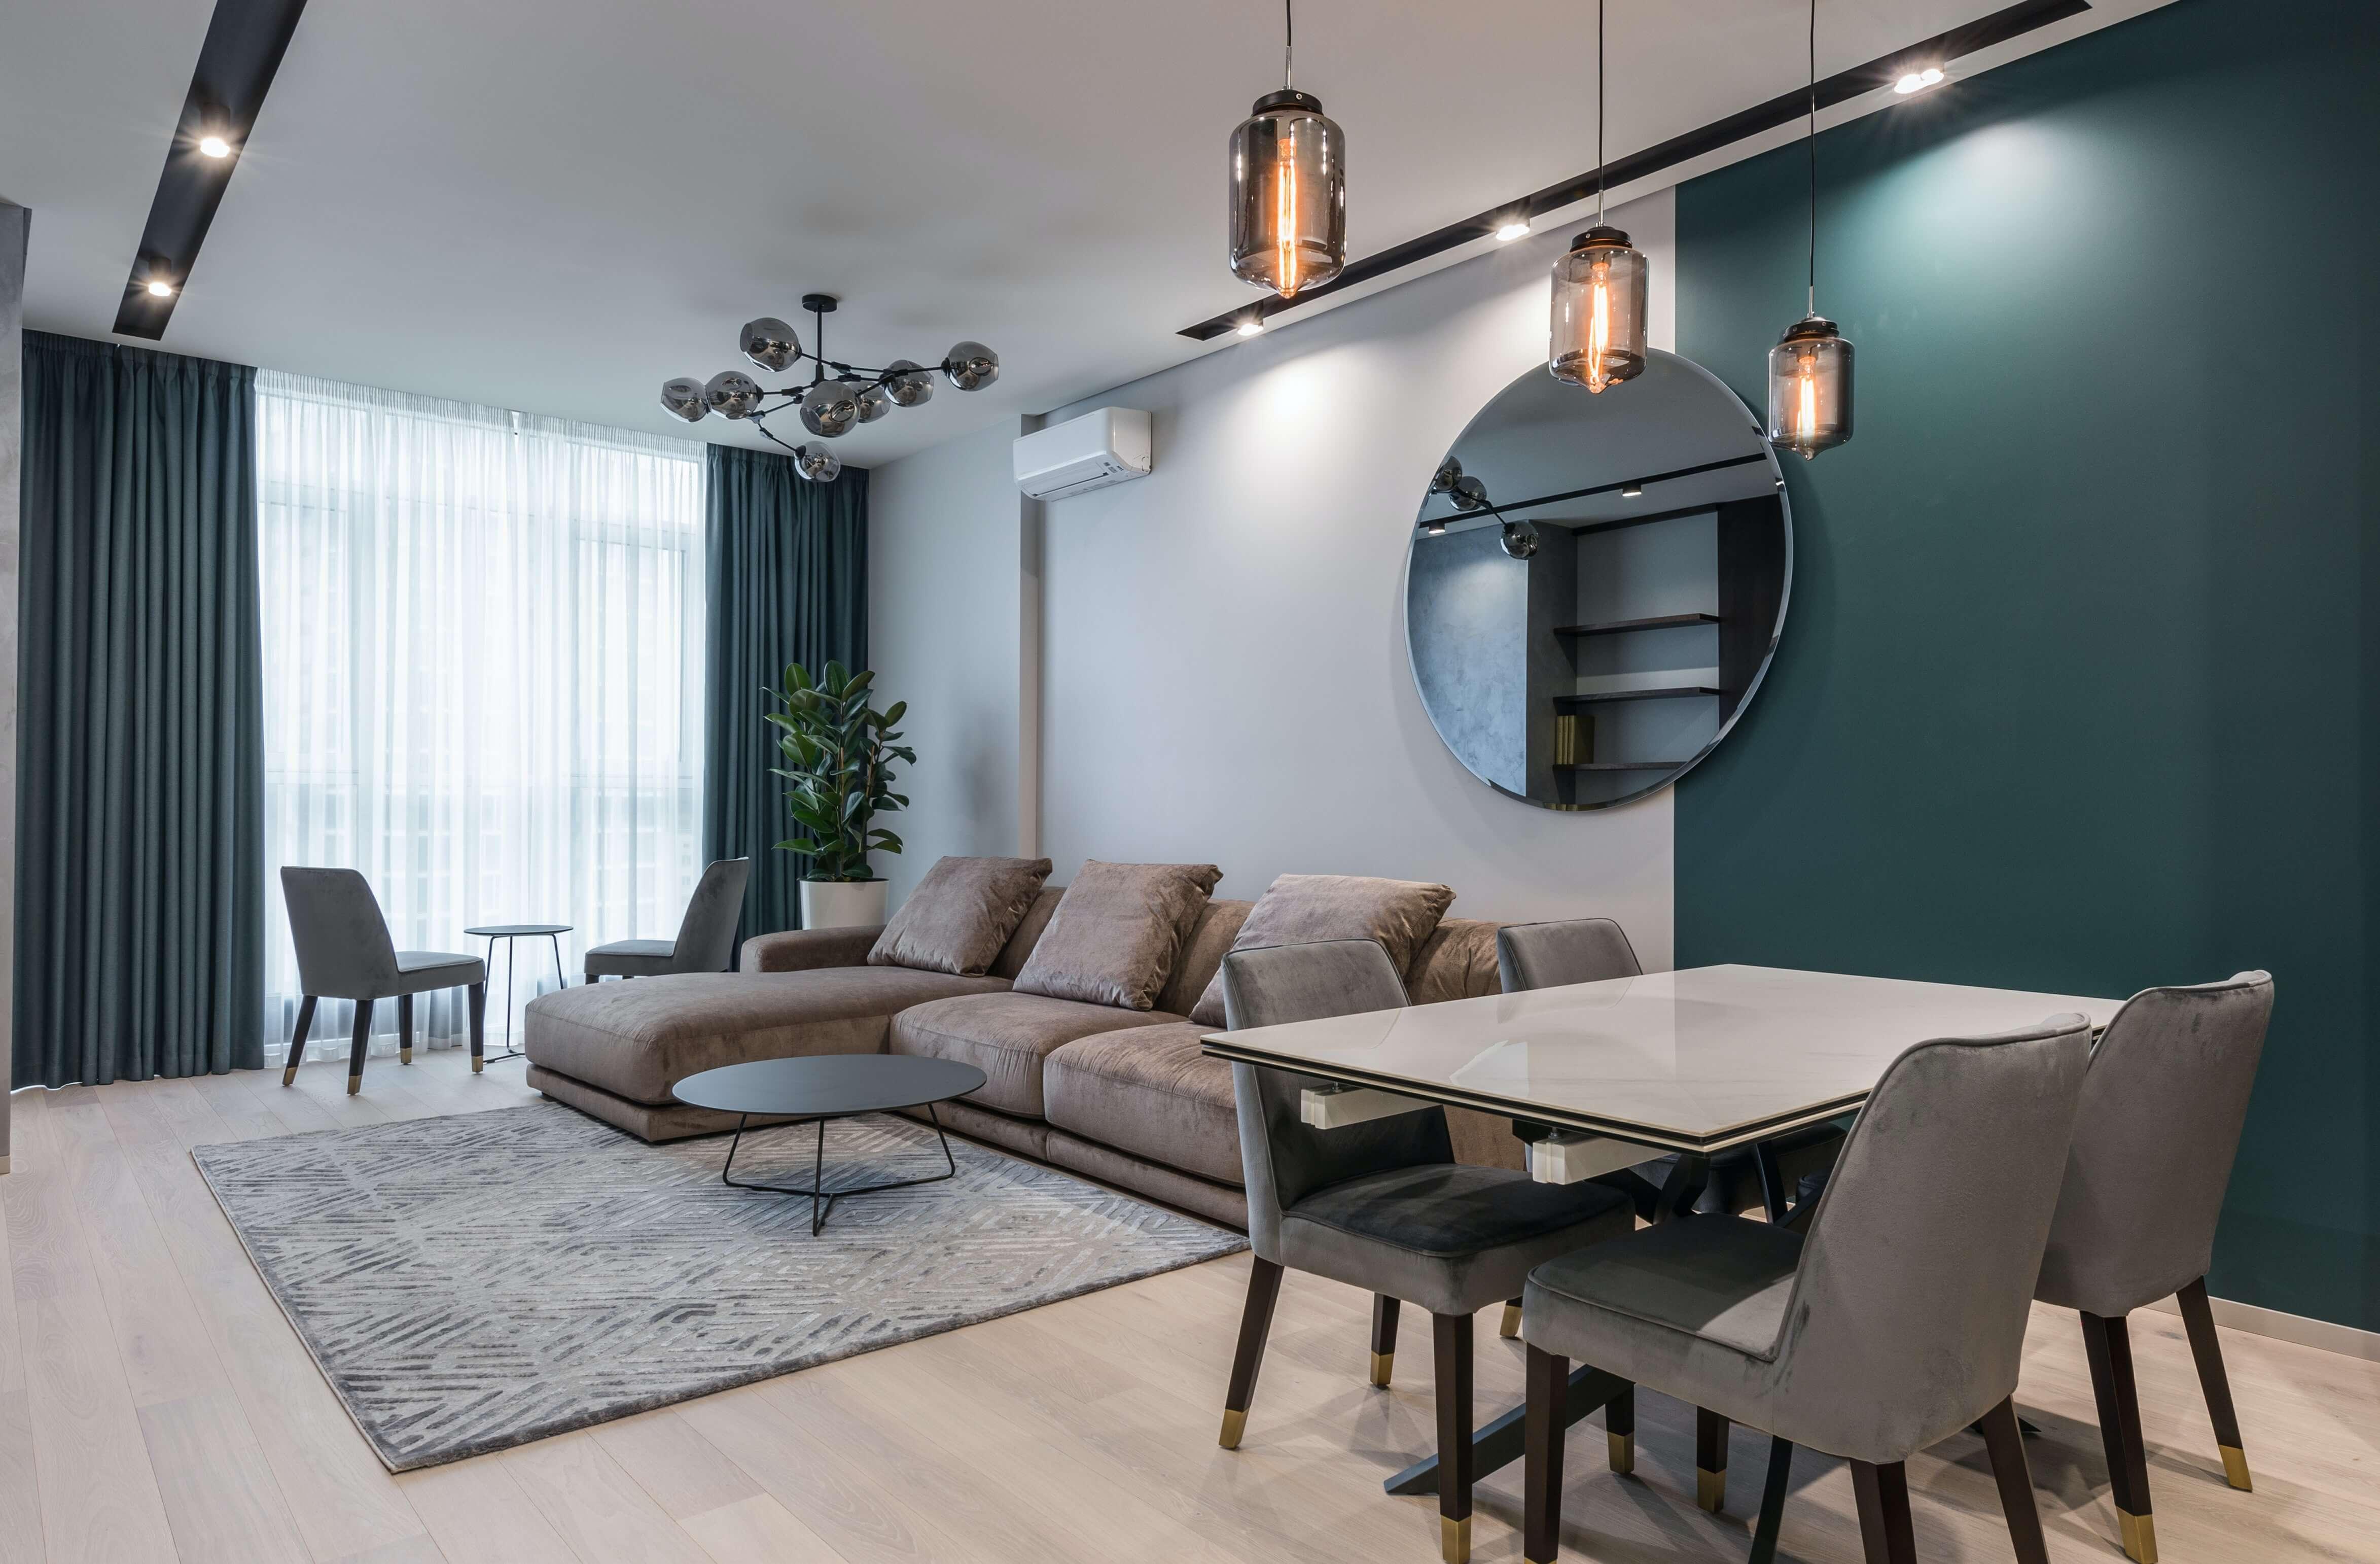 Dom parterowy – stwórz sobie przytulną przestrzeń